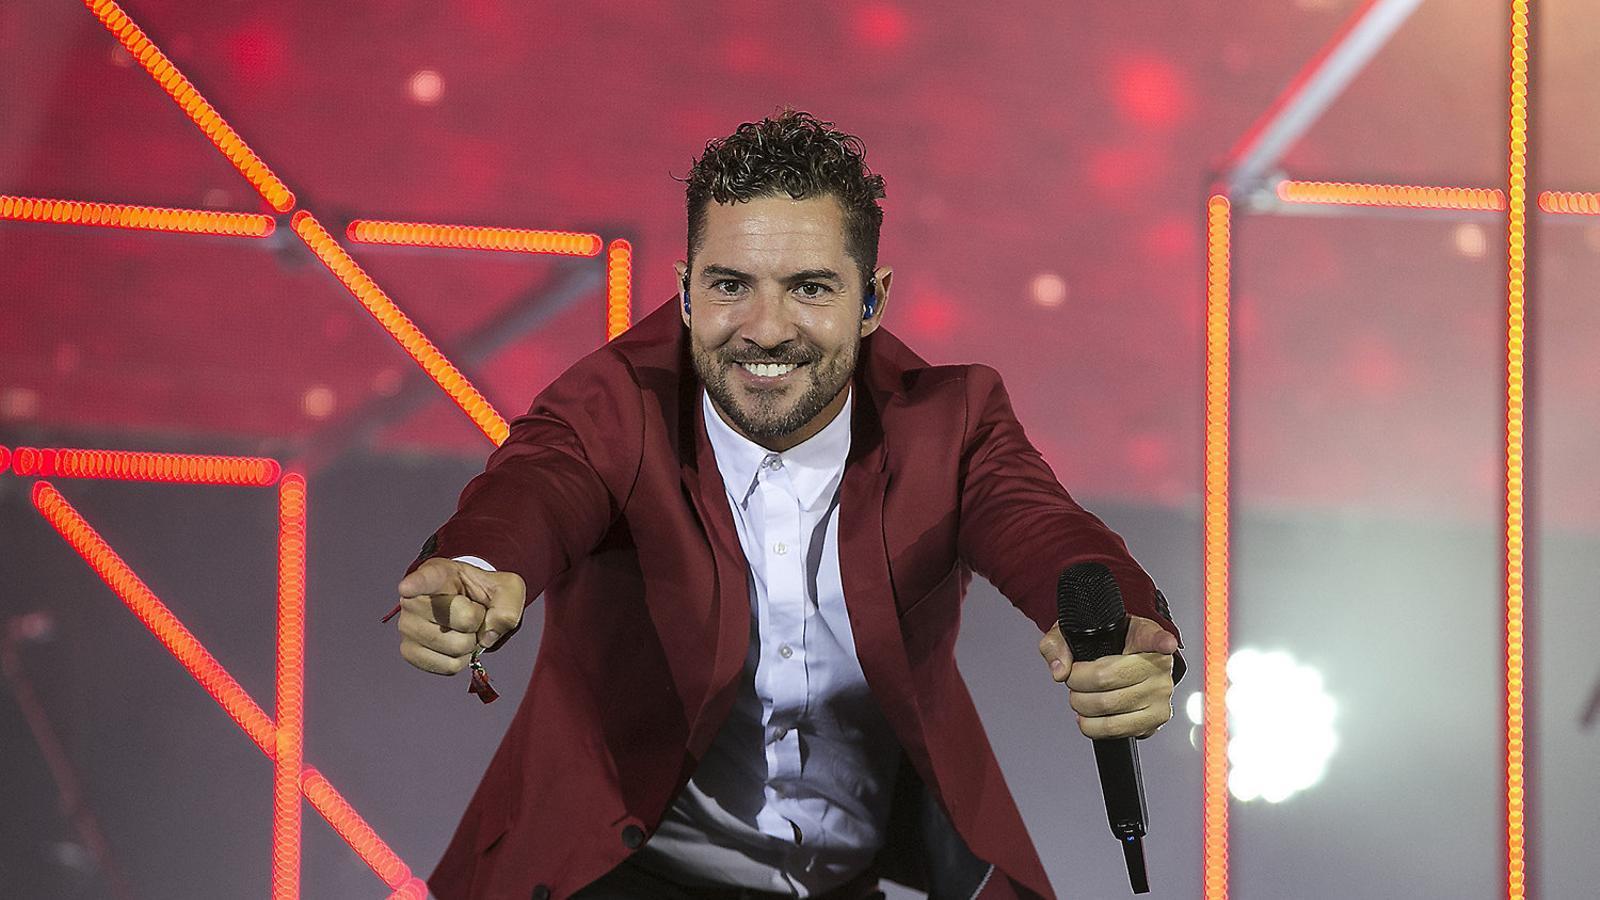 David Bisbal saludant el públic del Palau Sant Jordi en el concert que forma part de la gira de presentació del disc Hijos del mar.